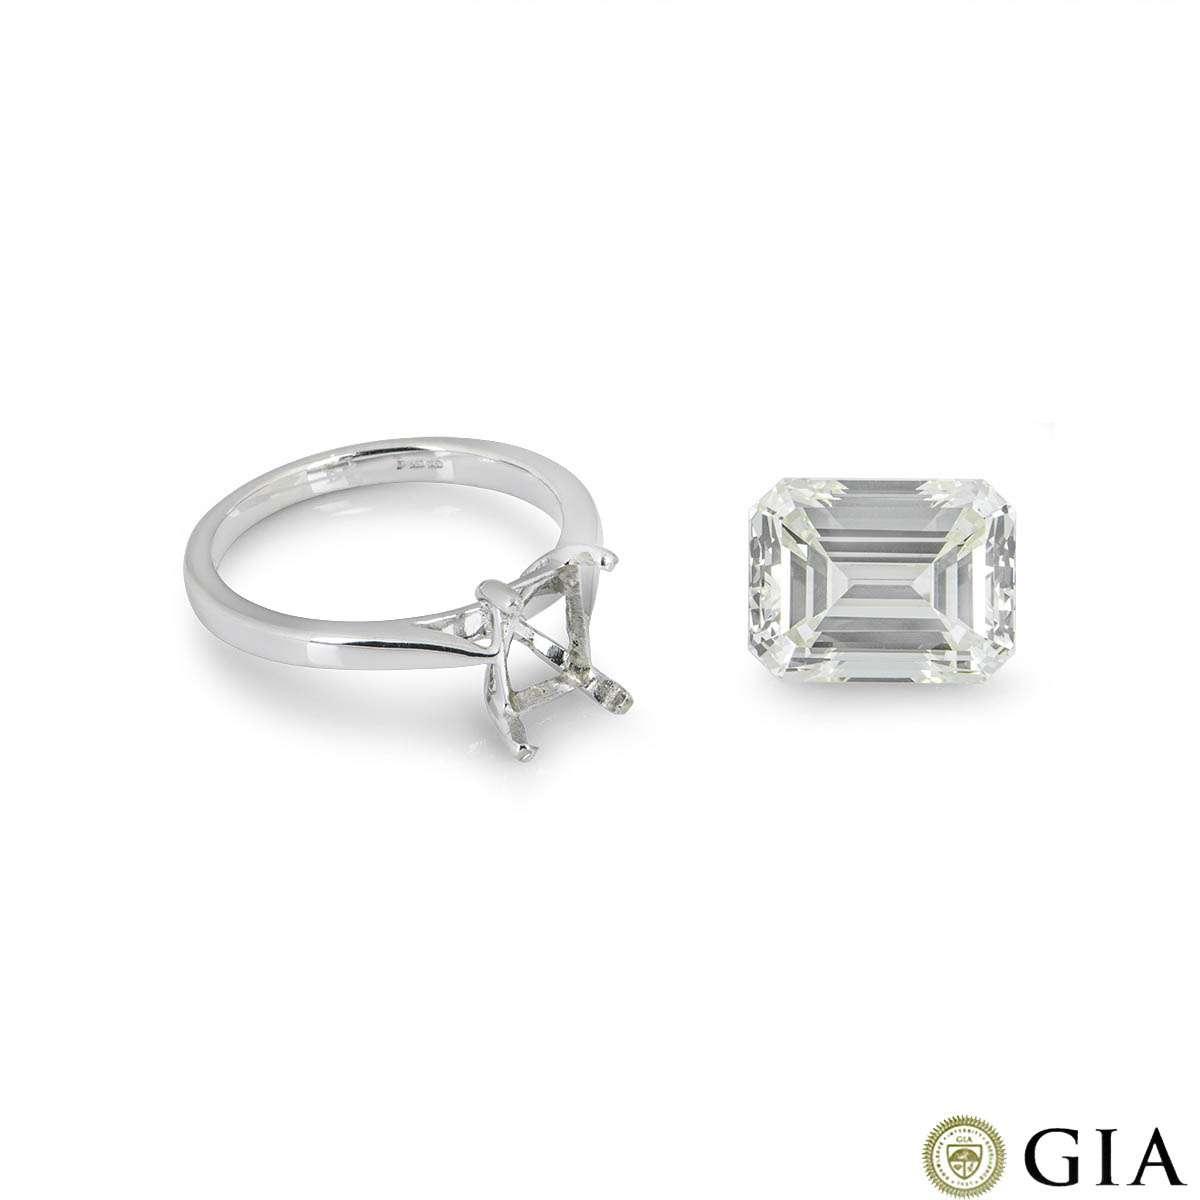 Emerald Cut Diamond 8.02ct O-P/VS2